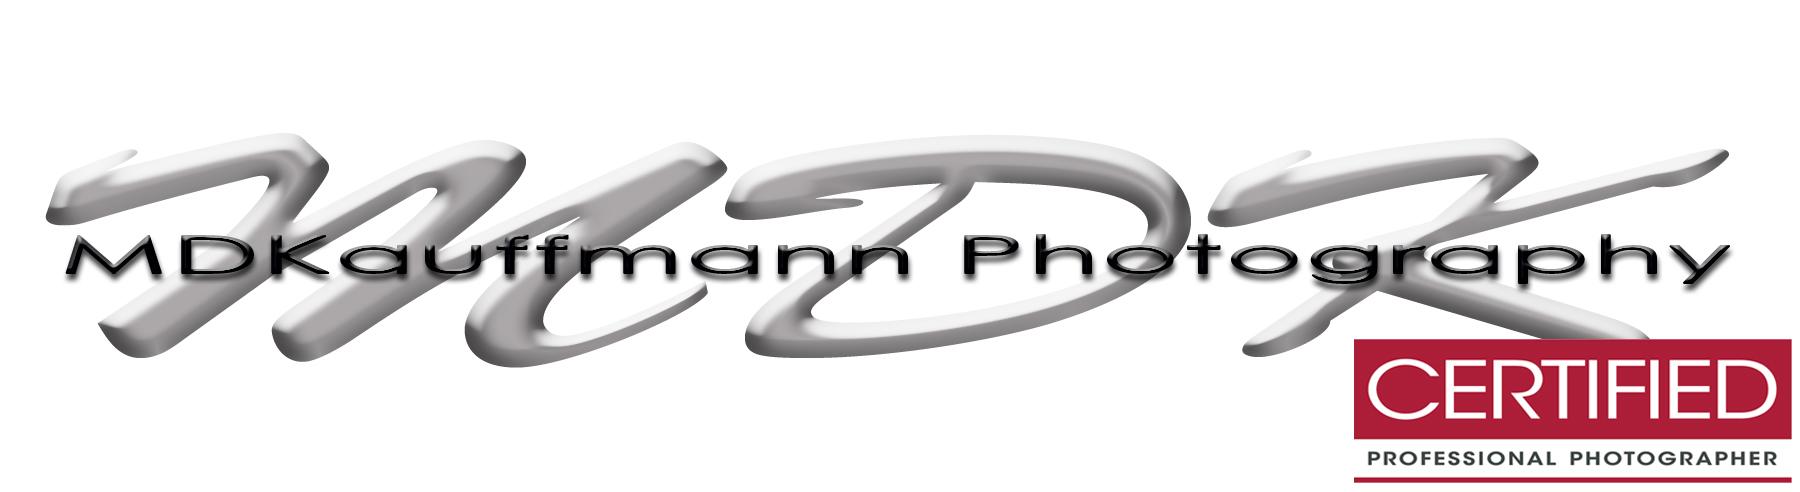 MDKauffmann Photography